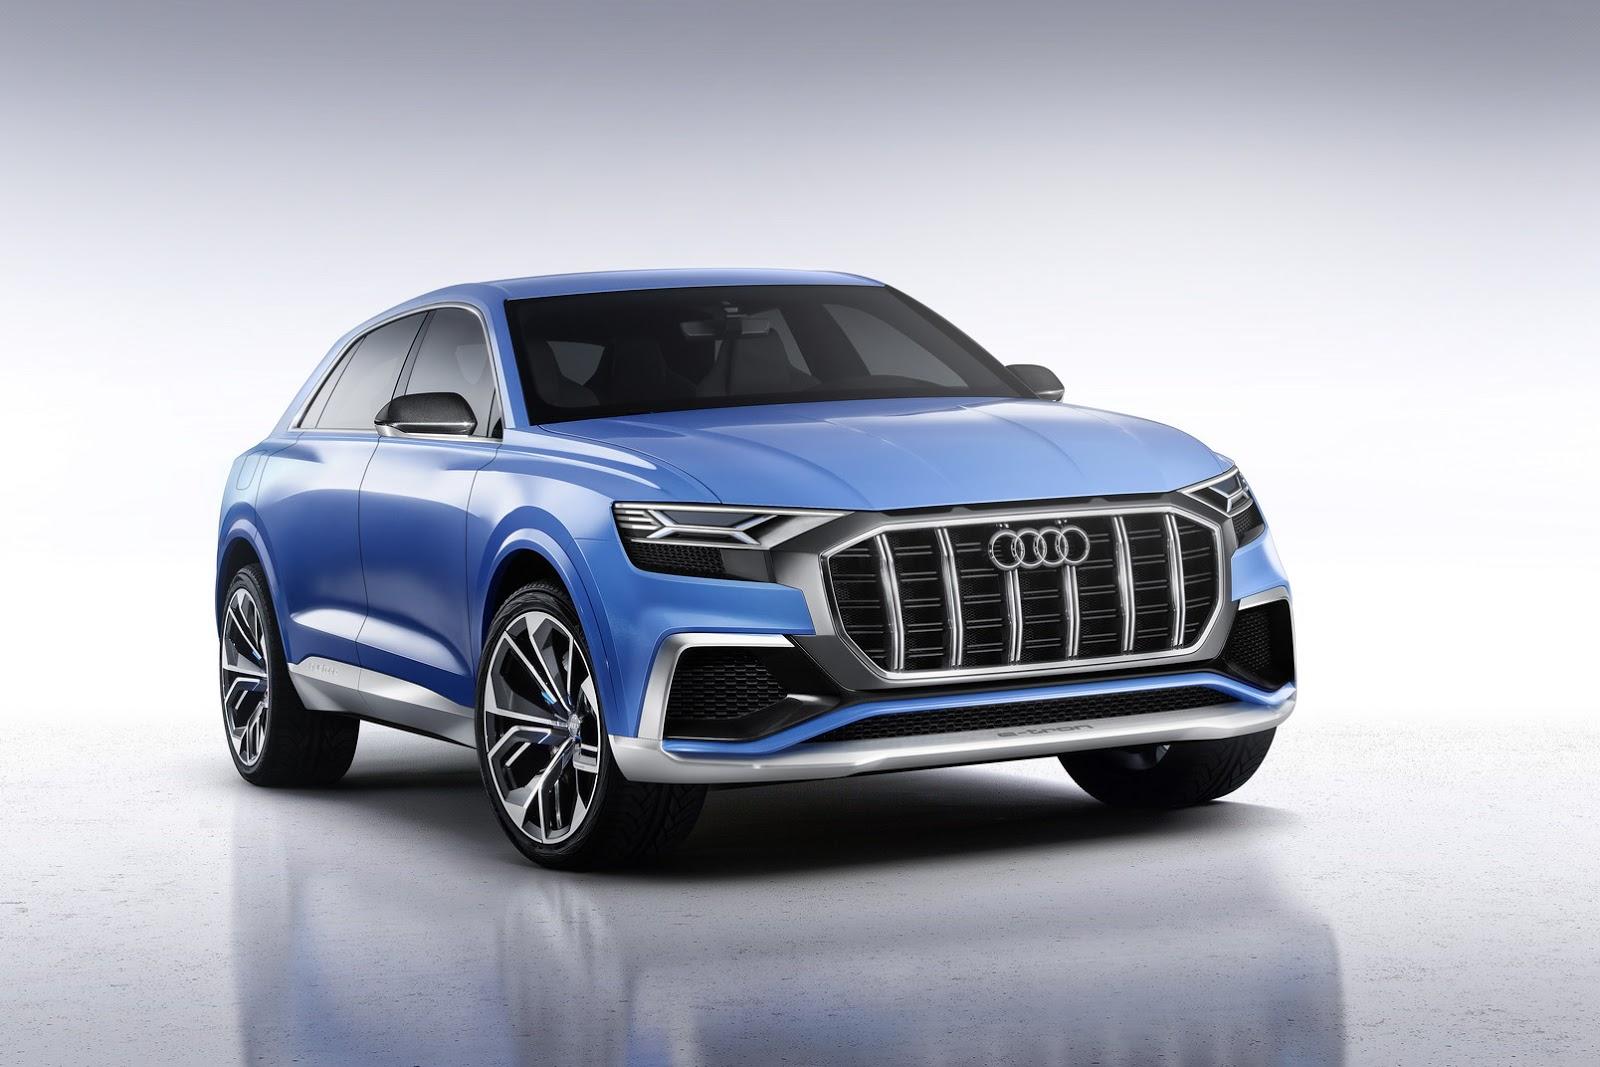 Audi_Q8_concept_03